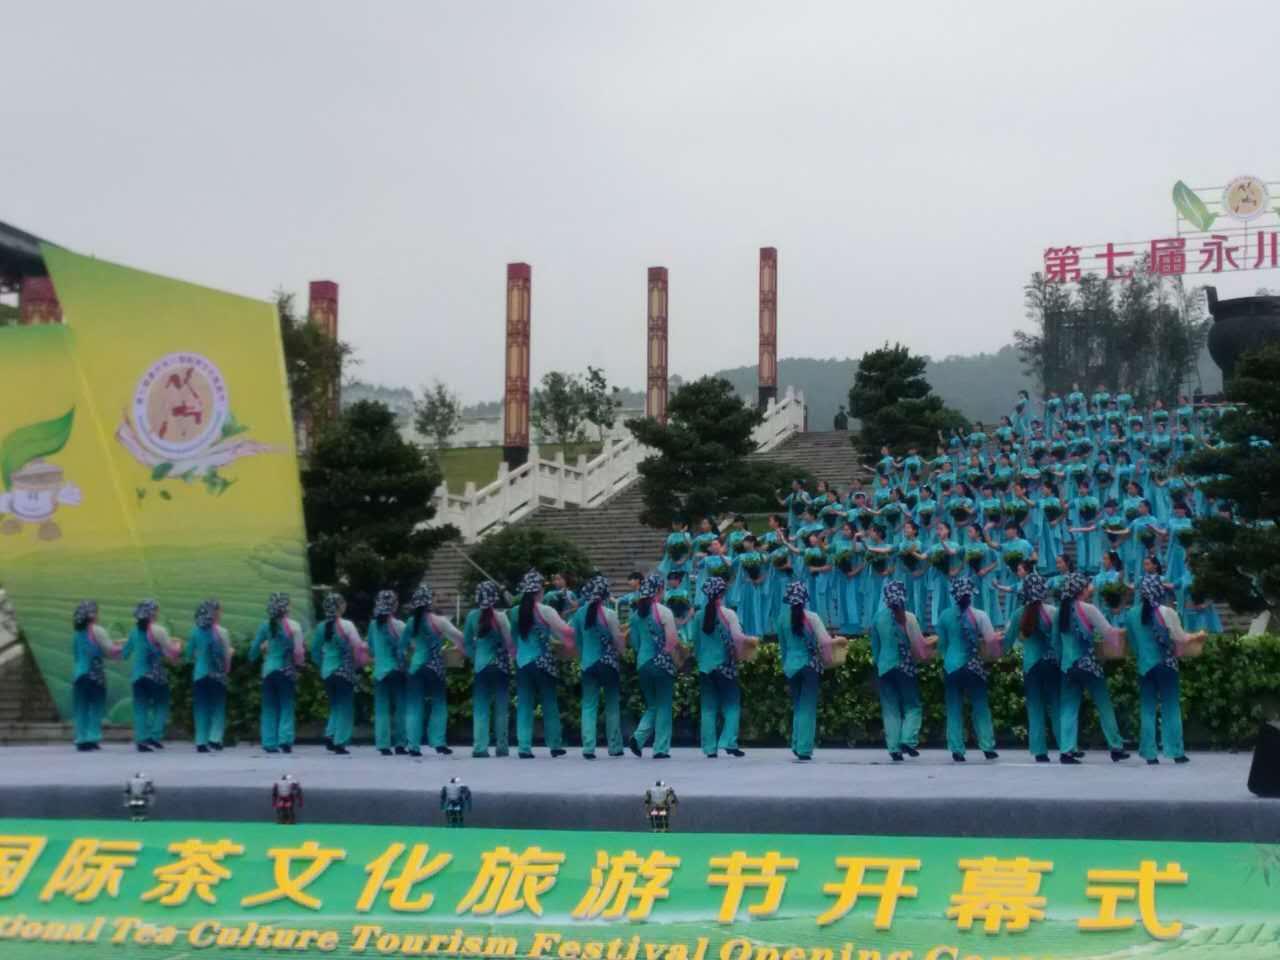 第七届重庆永川国际茶文化旅游节开幕式文艺演出正在进行